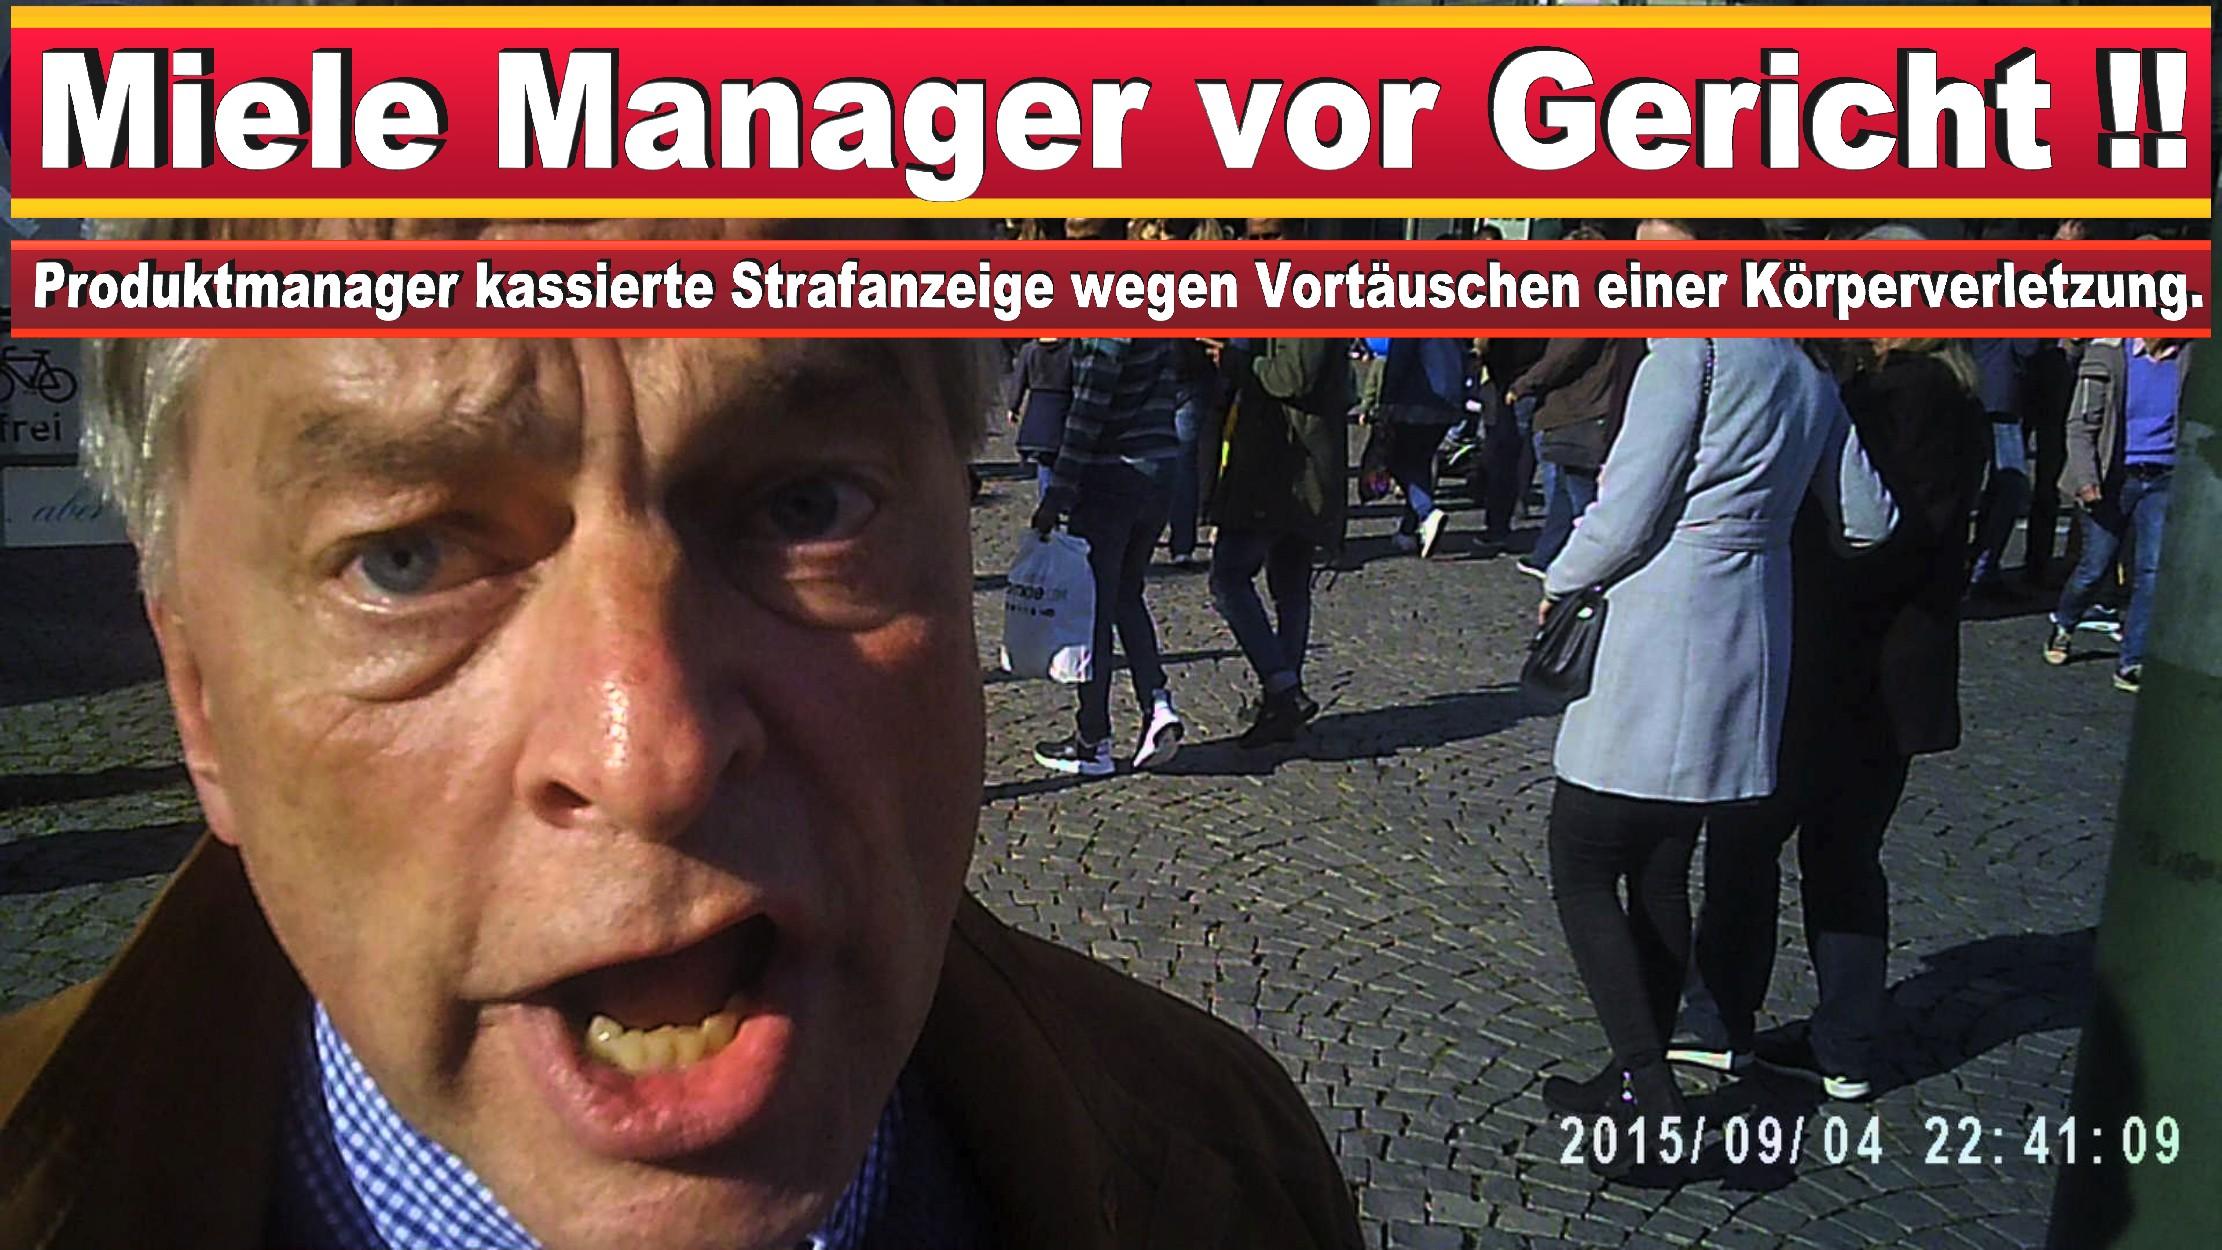 CDU BIELEFELD POLIZEIGEWALT GEWALTAUSBRUCH UND STRAFANZEIGE GEGEN EINEN JOURNALISTEN (9)